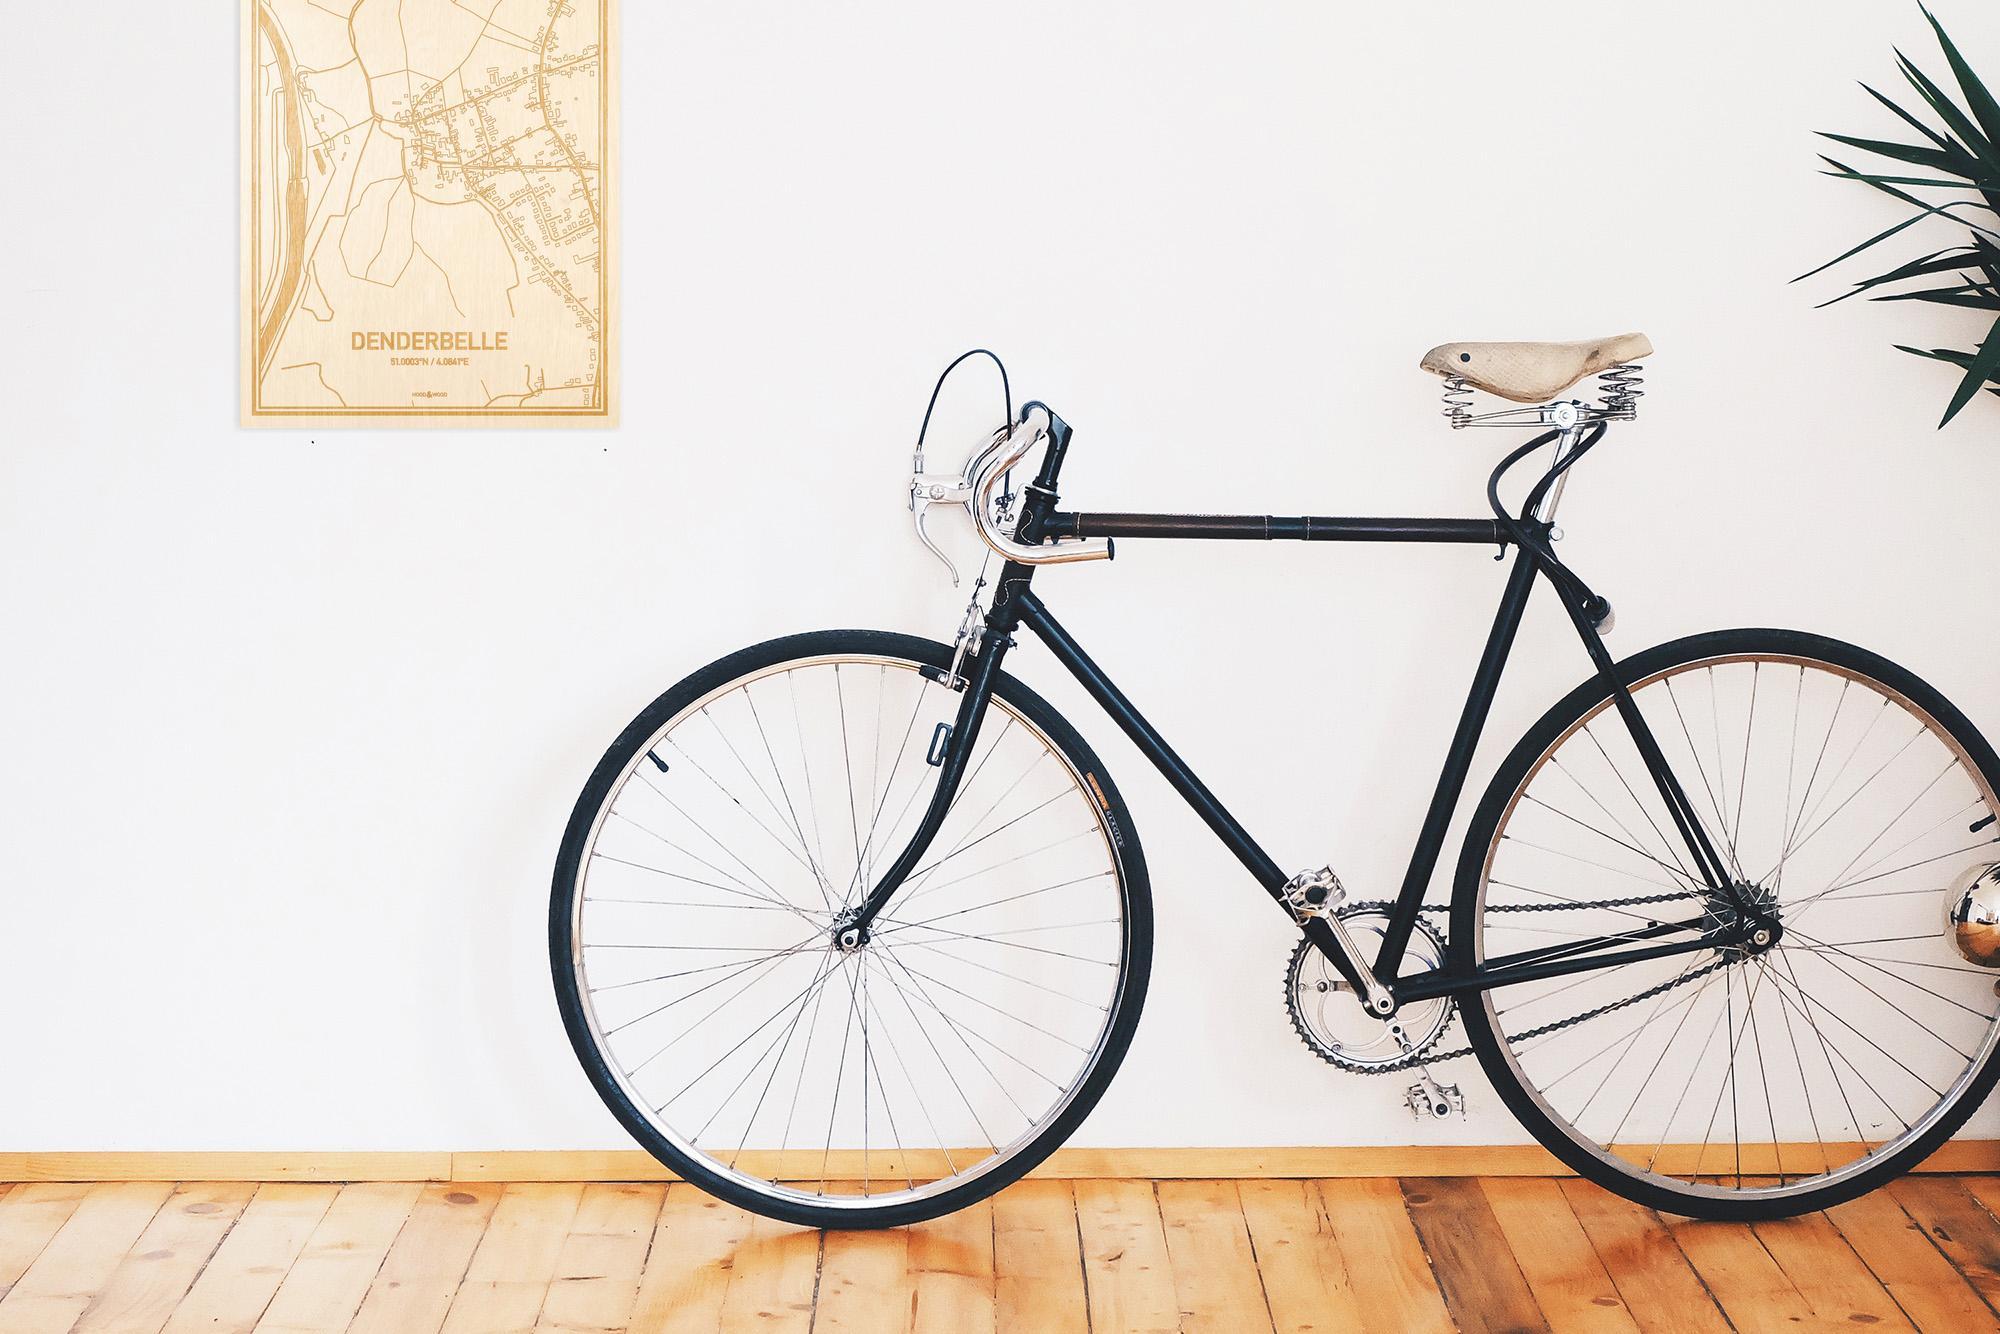 Een snelle fiets in een uniek interieur in Oost-Vlaanderen  met mooie decoratie zoals de plattegrond Denderbelle.